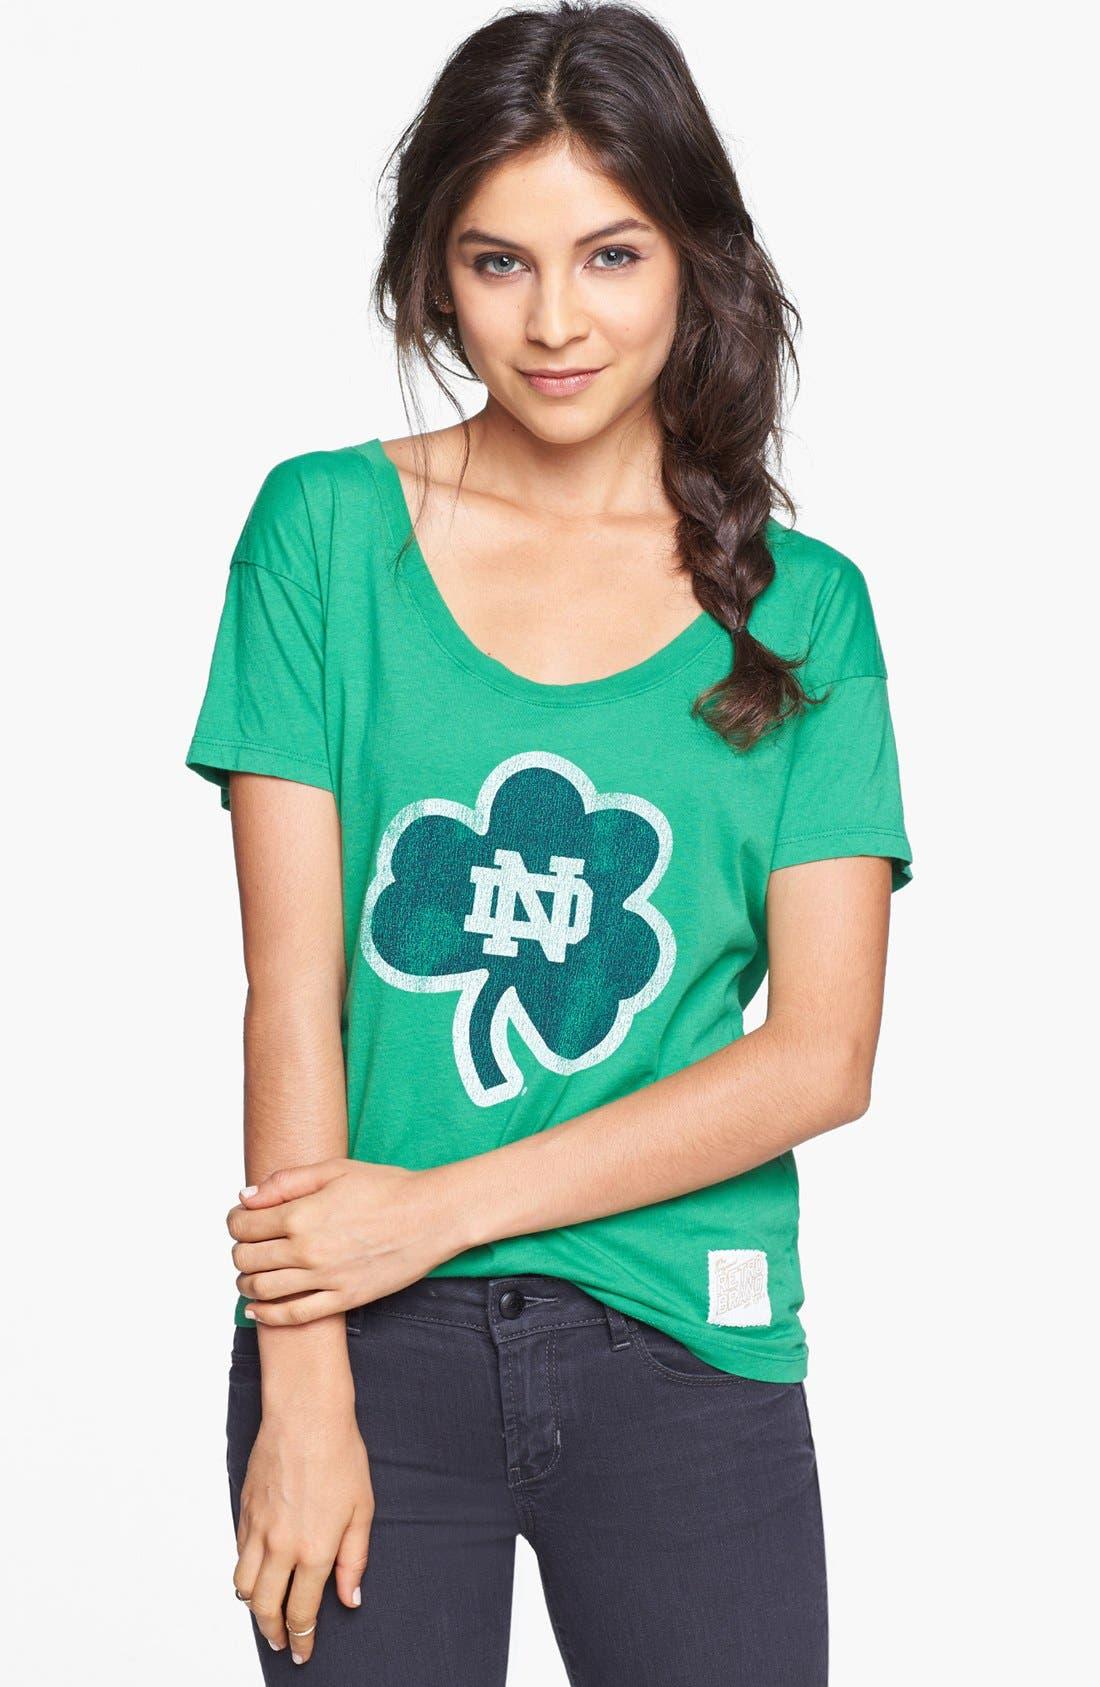 Main Image - Retro Brand 'University of Notre Dame Fighting Irish' Graphic Tee (Juniors)